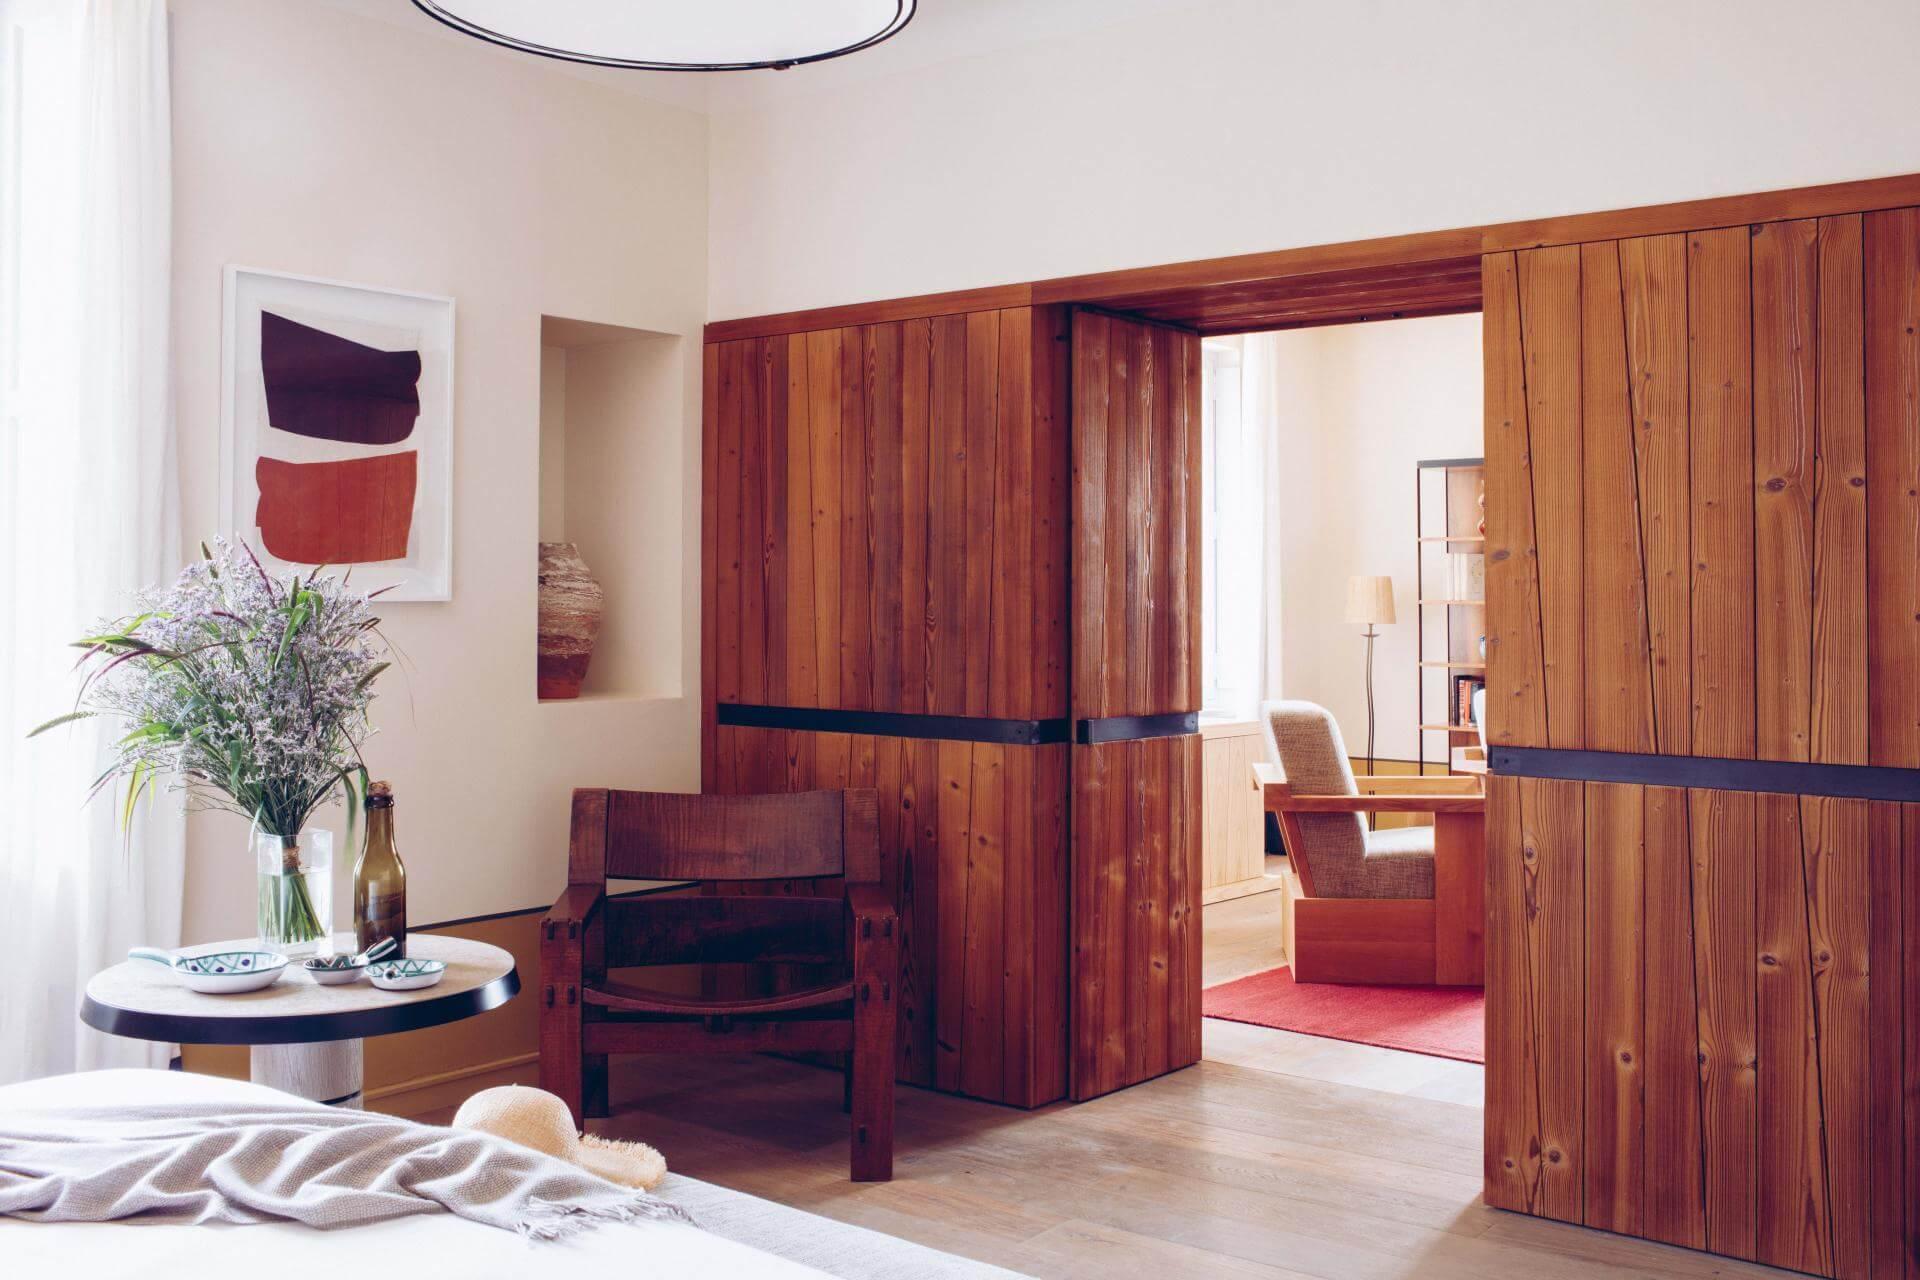 Minimalisme et chaleur conjugués dans les chambres © Hôtel Crillon le Brave